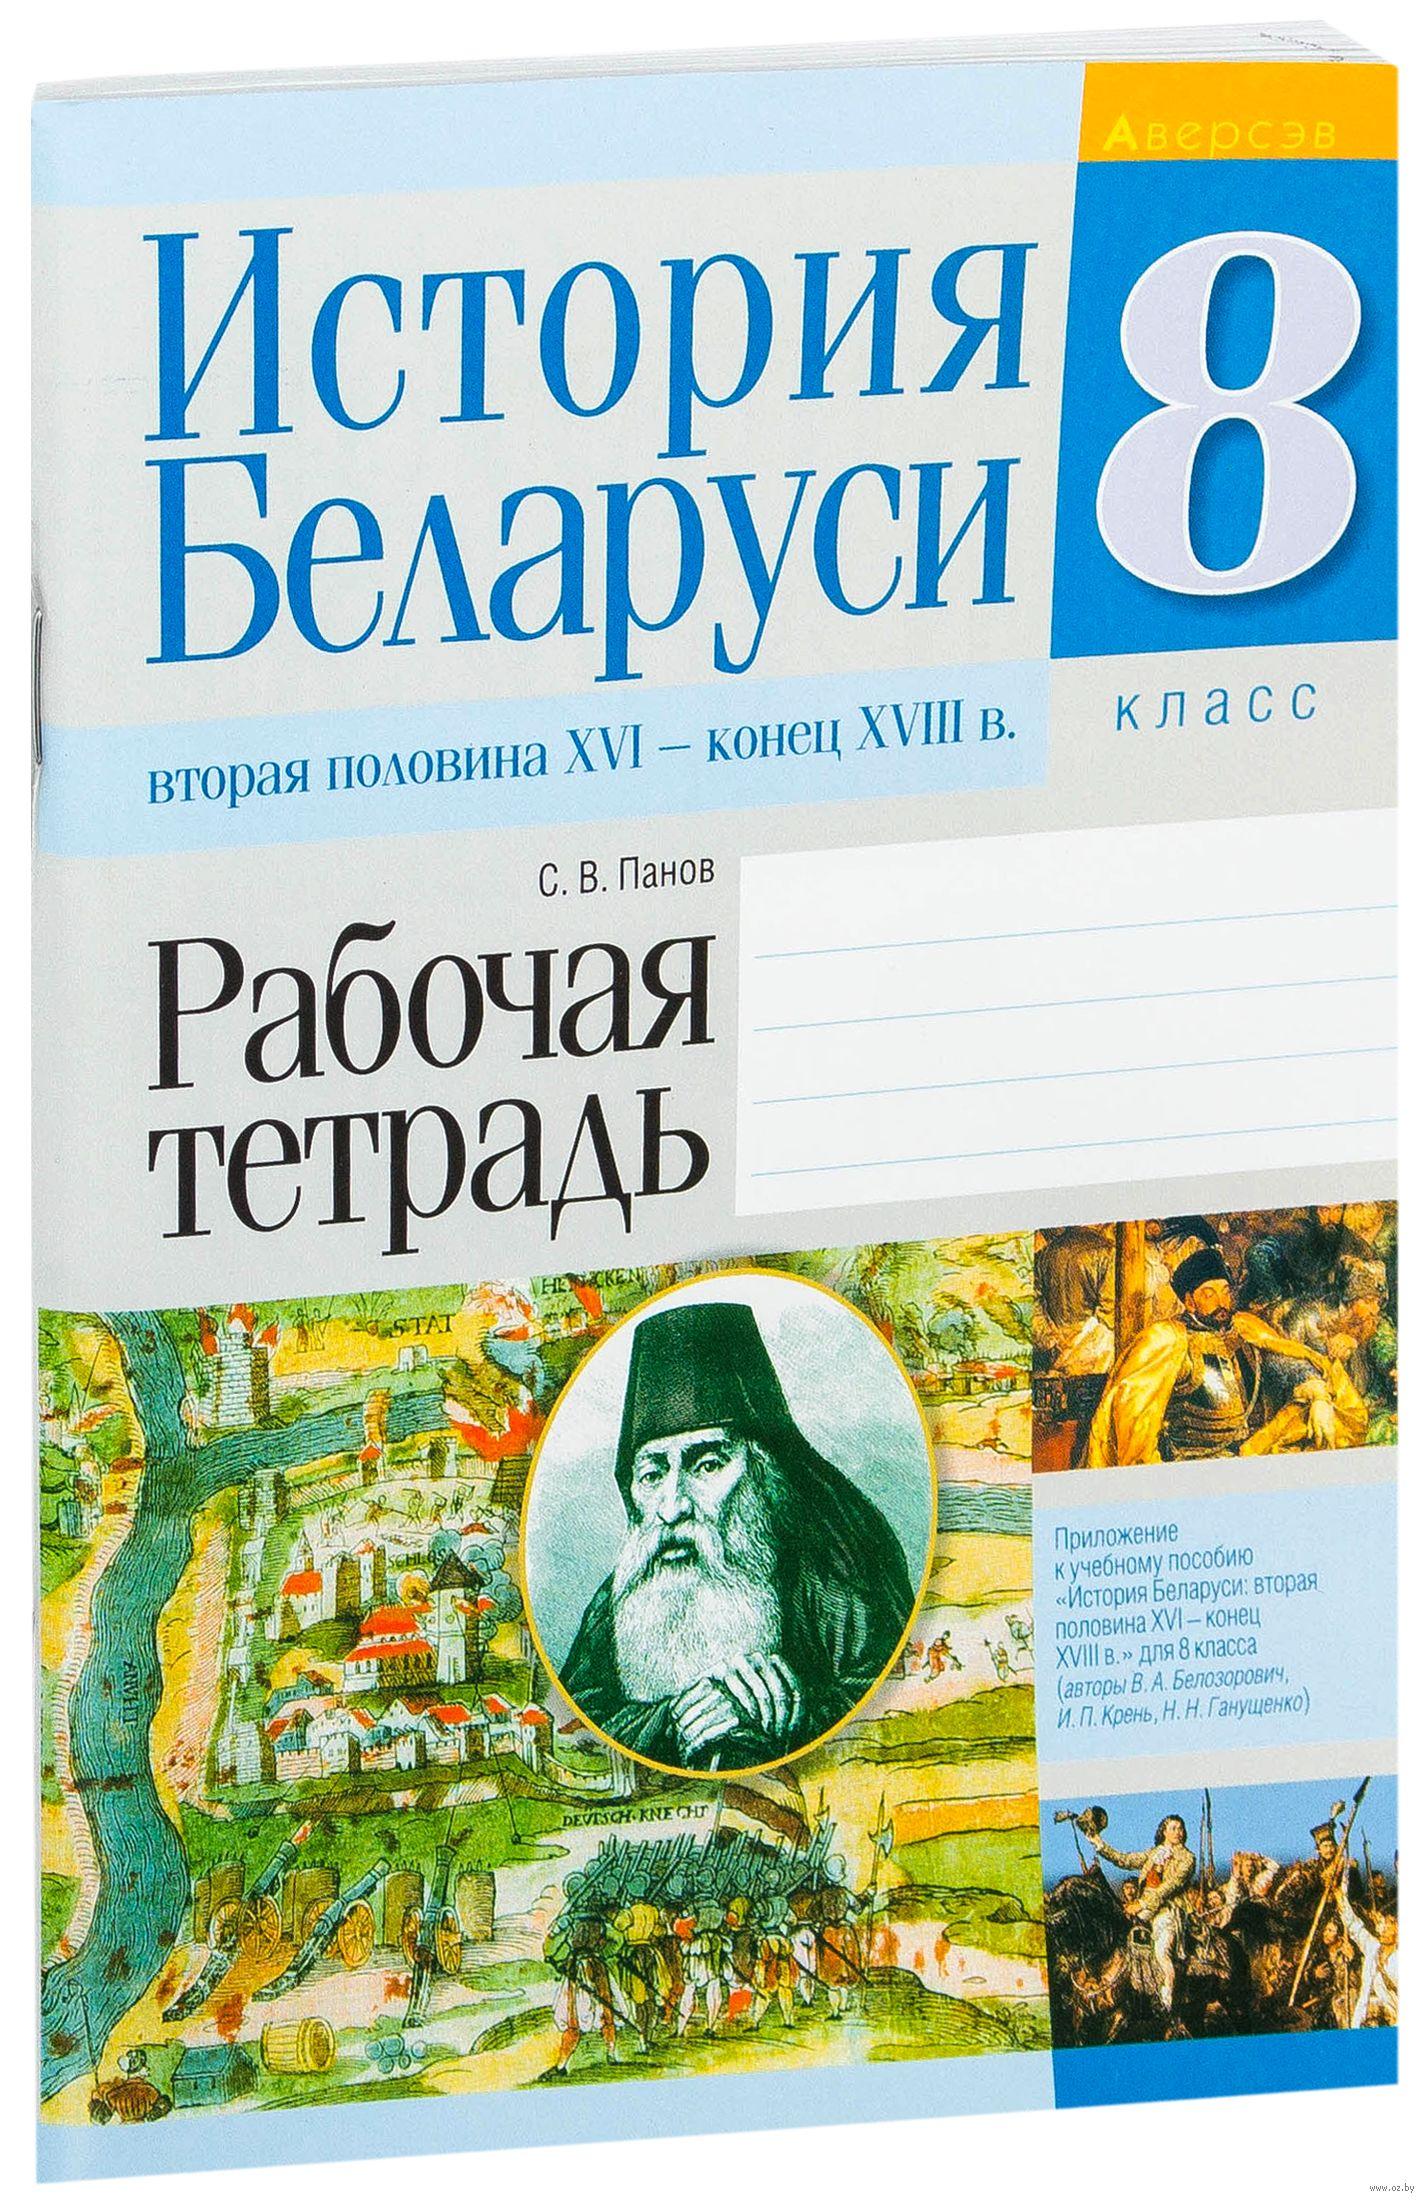 решебник к учебнику по истории беларуси 7 класс